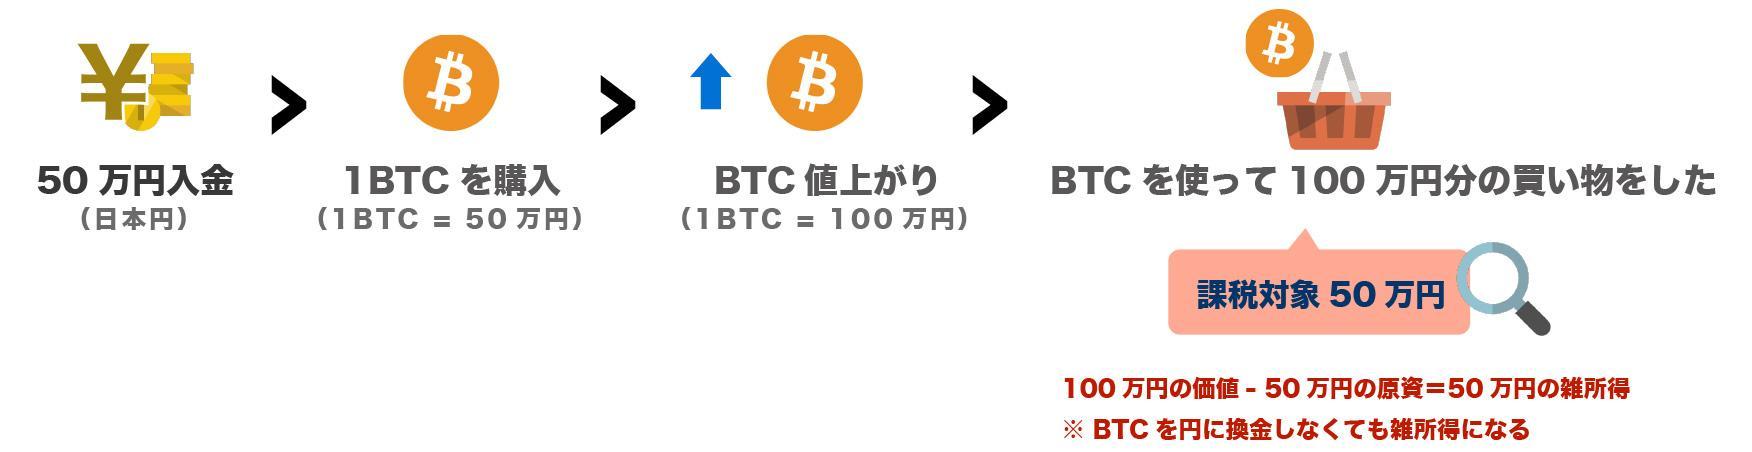 100万購入